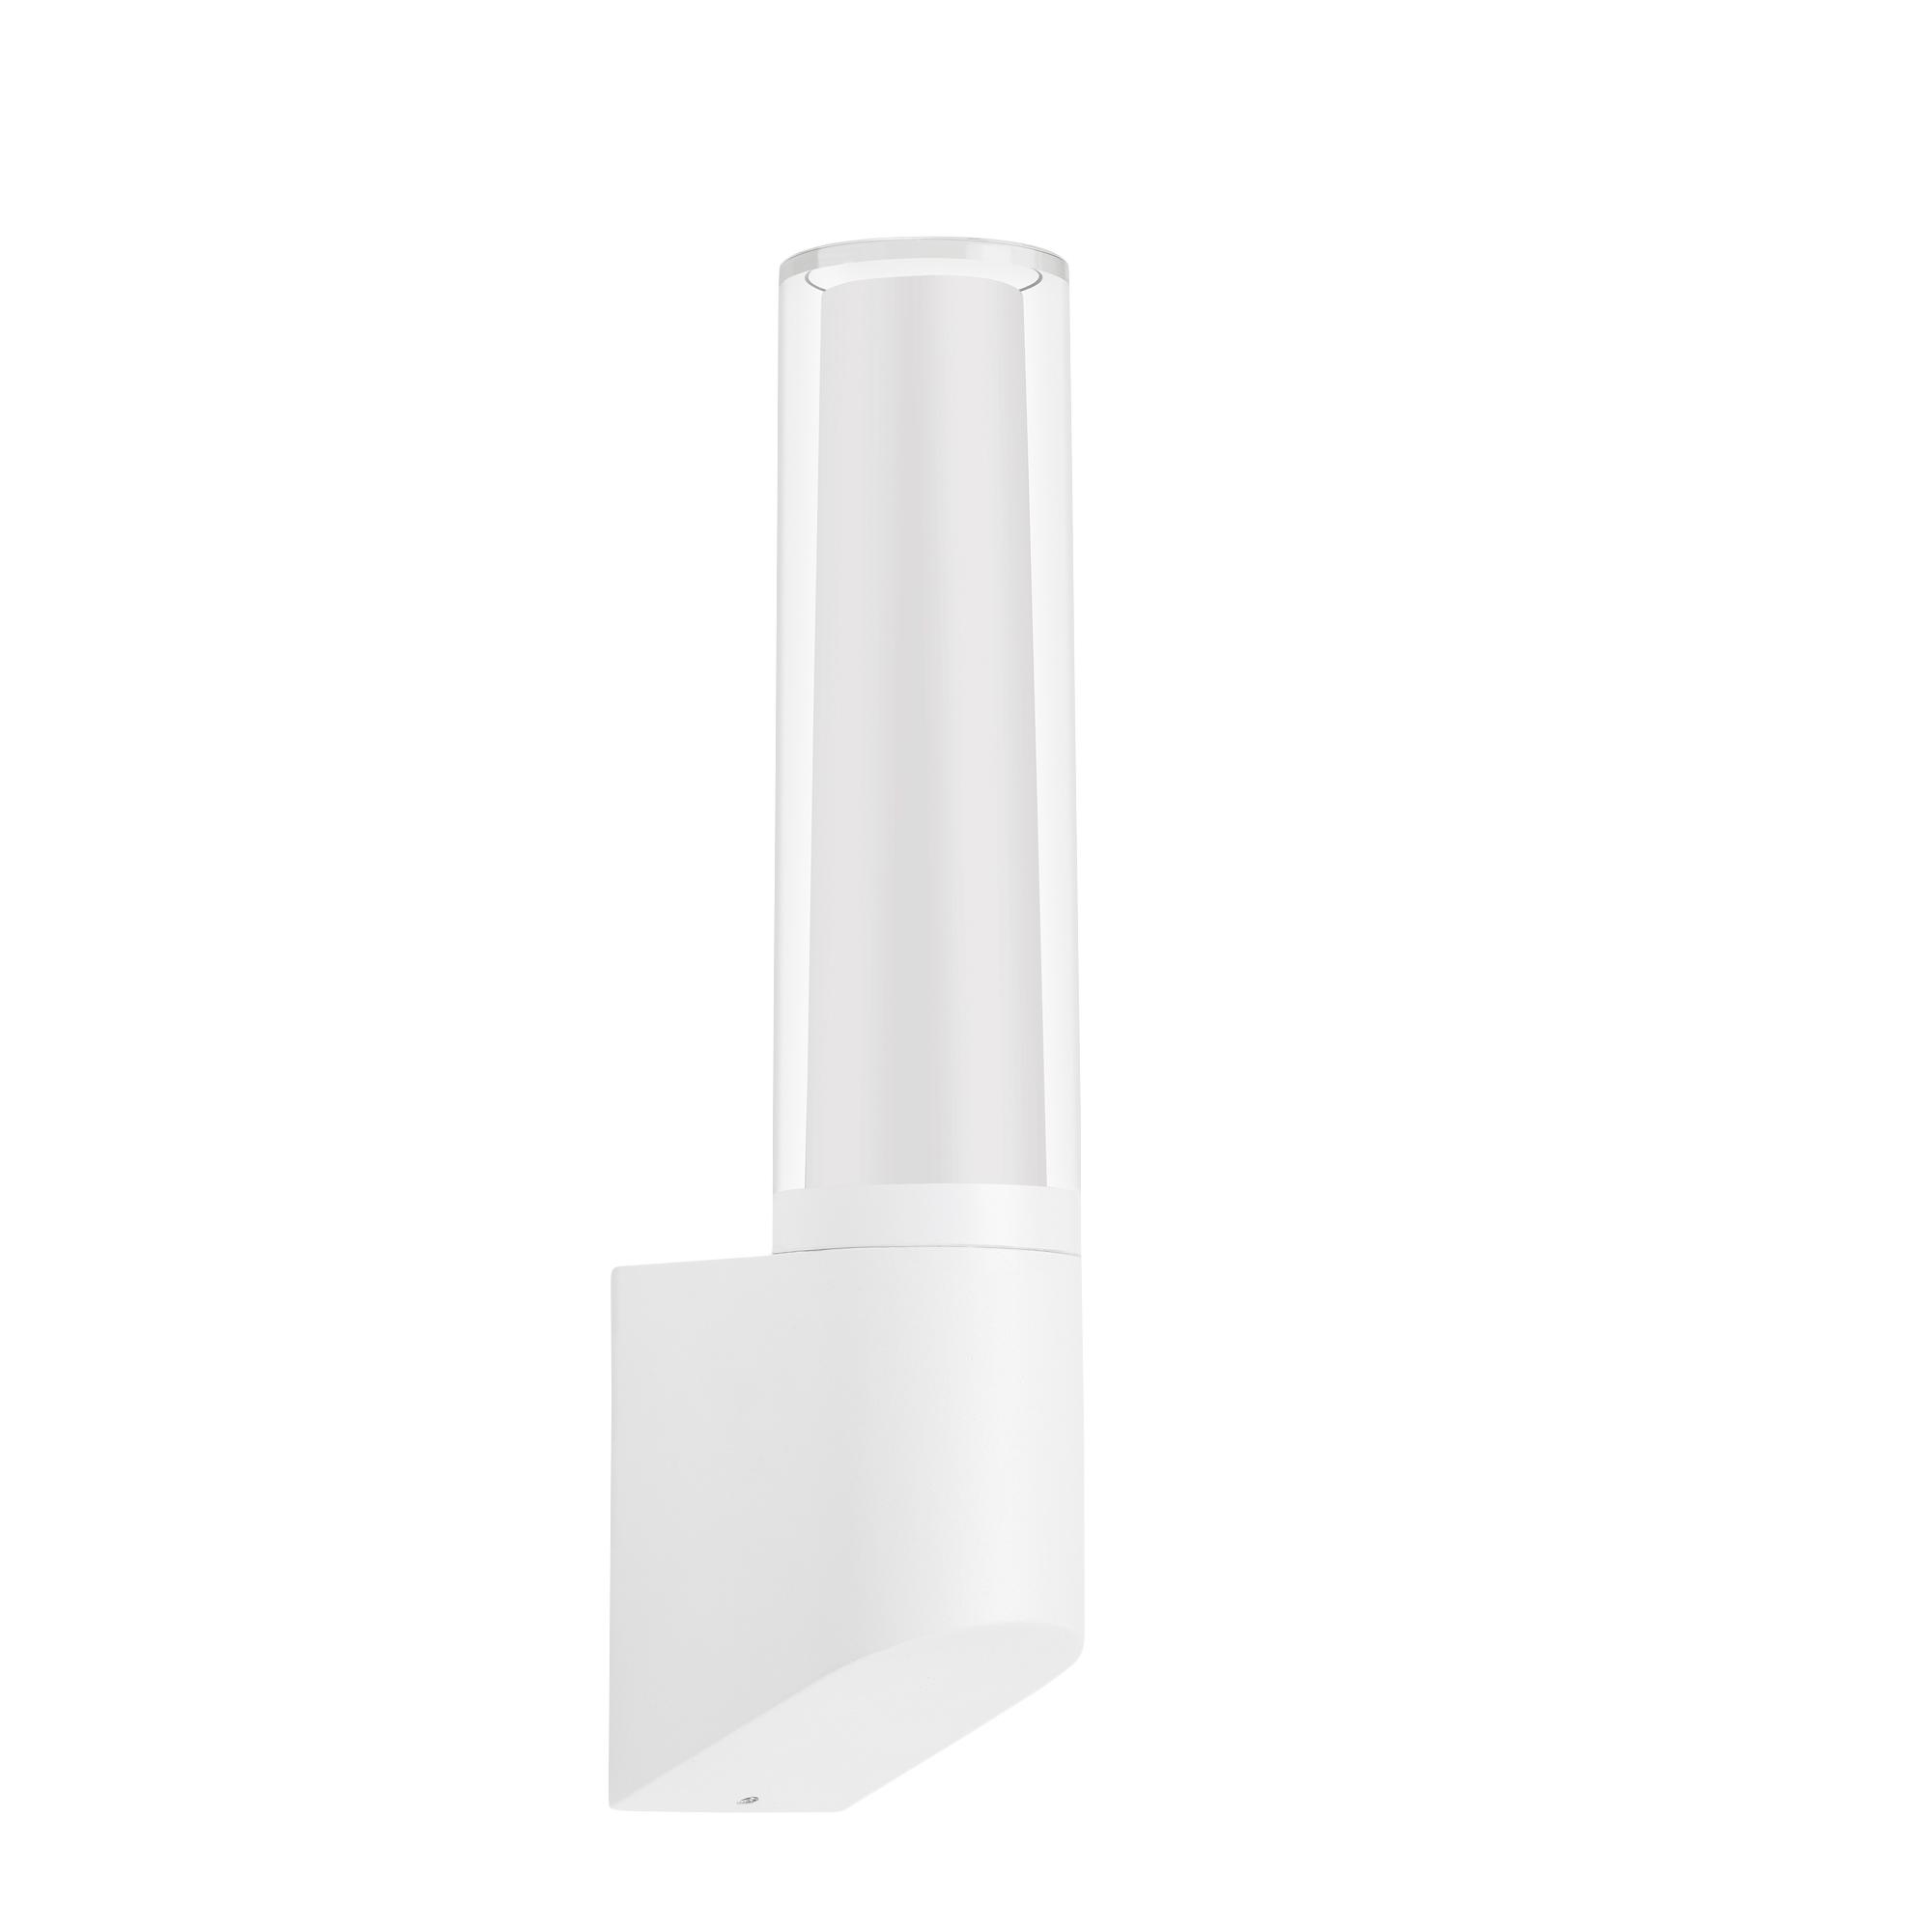 TELEFUNKEN LED Außenwandleuchte, 33,2 cm, 8 W, Weiß